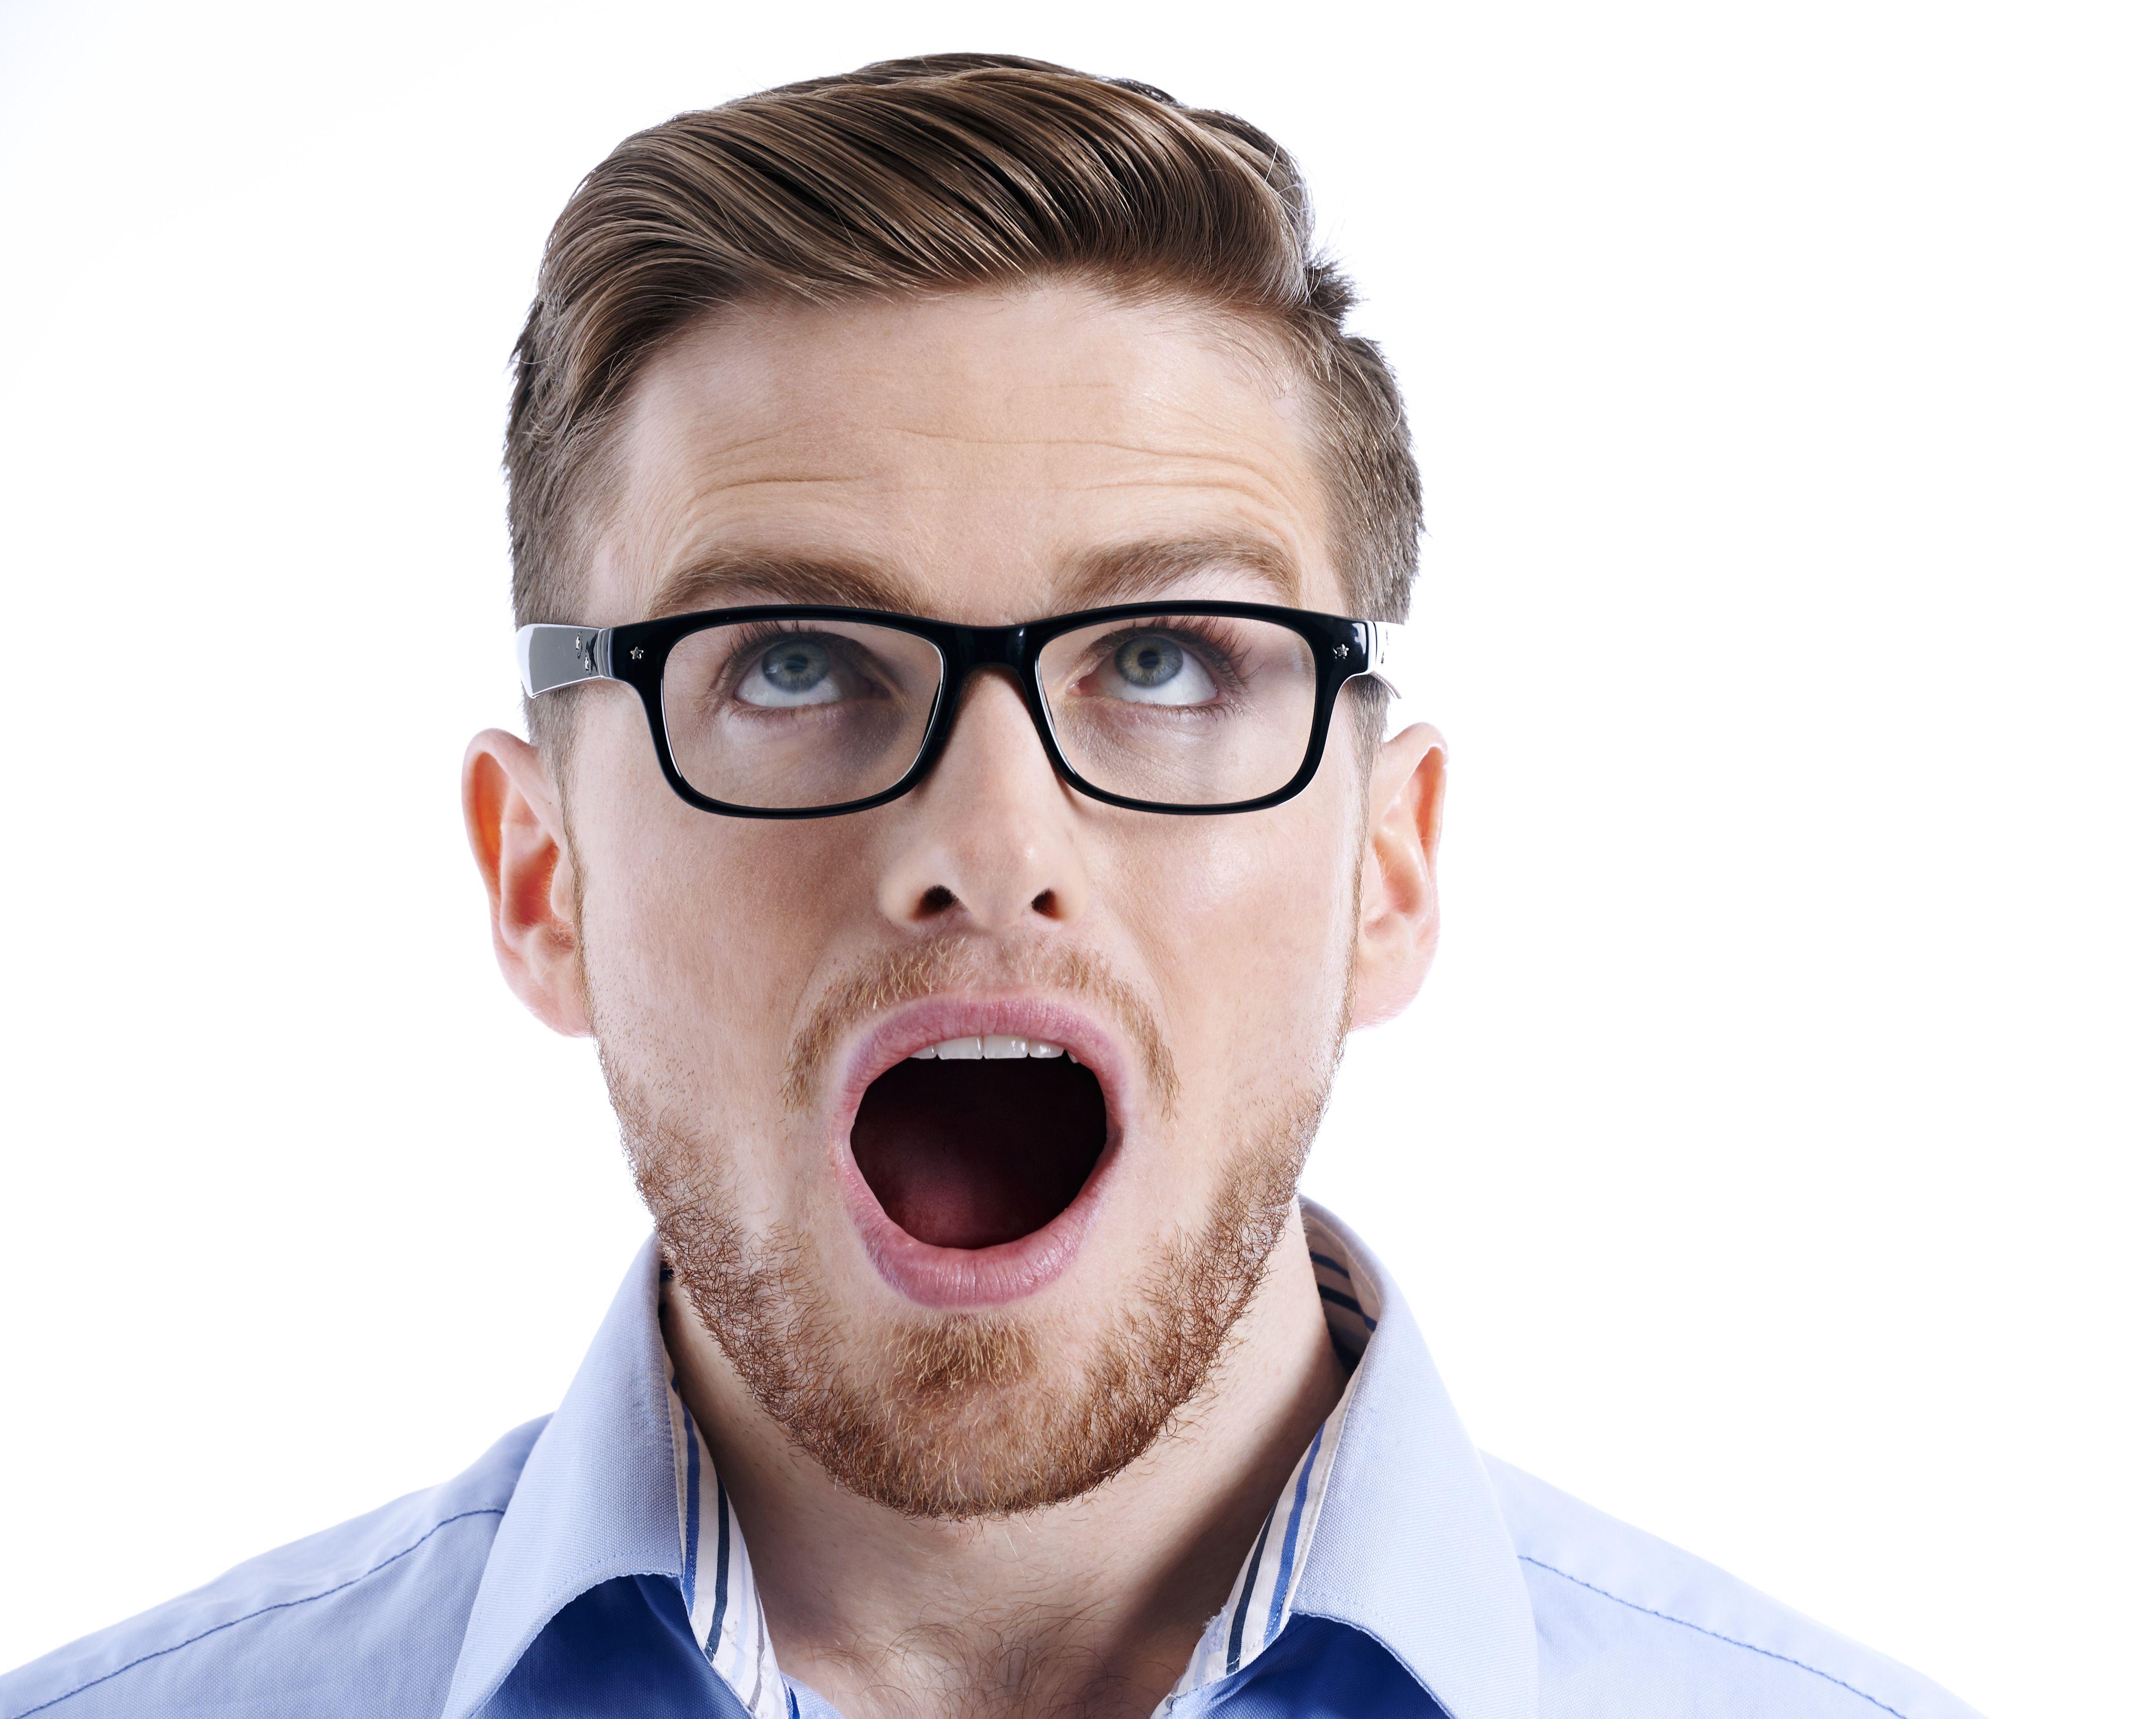 Admítelo: Tu cara no siempre dice lo que parece